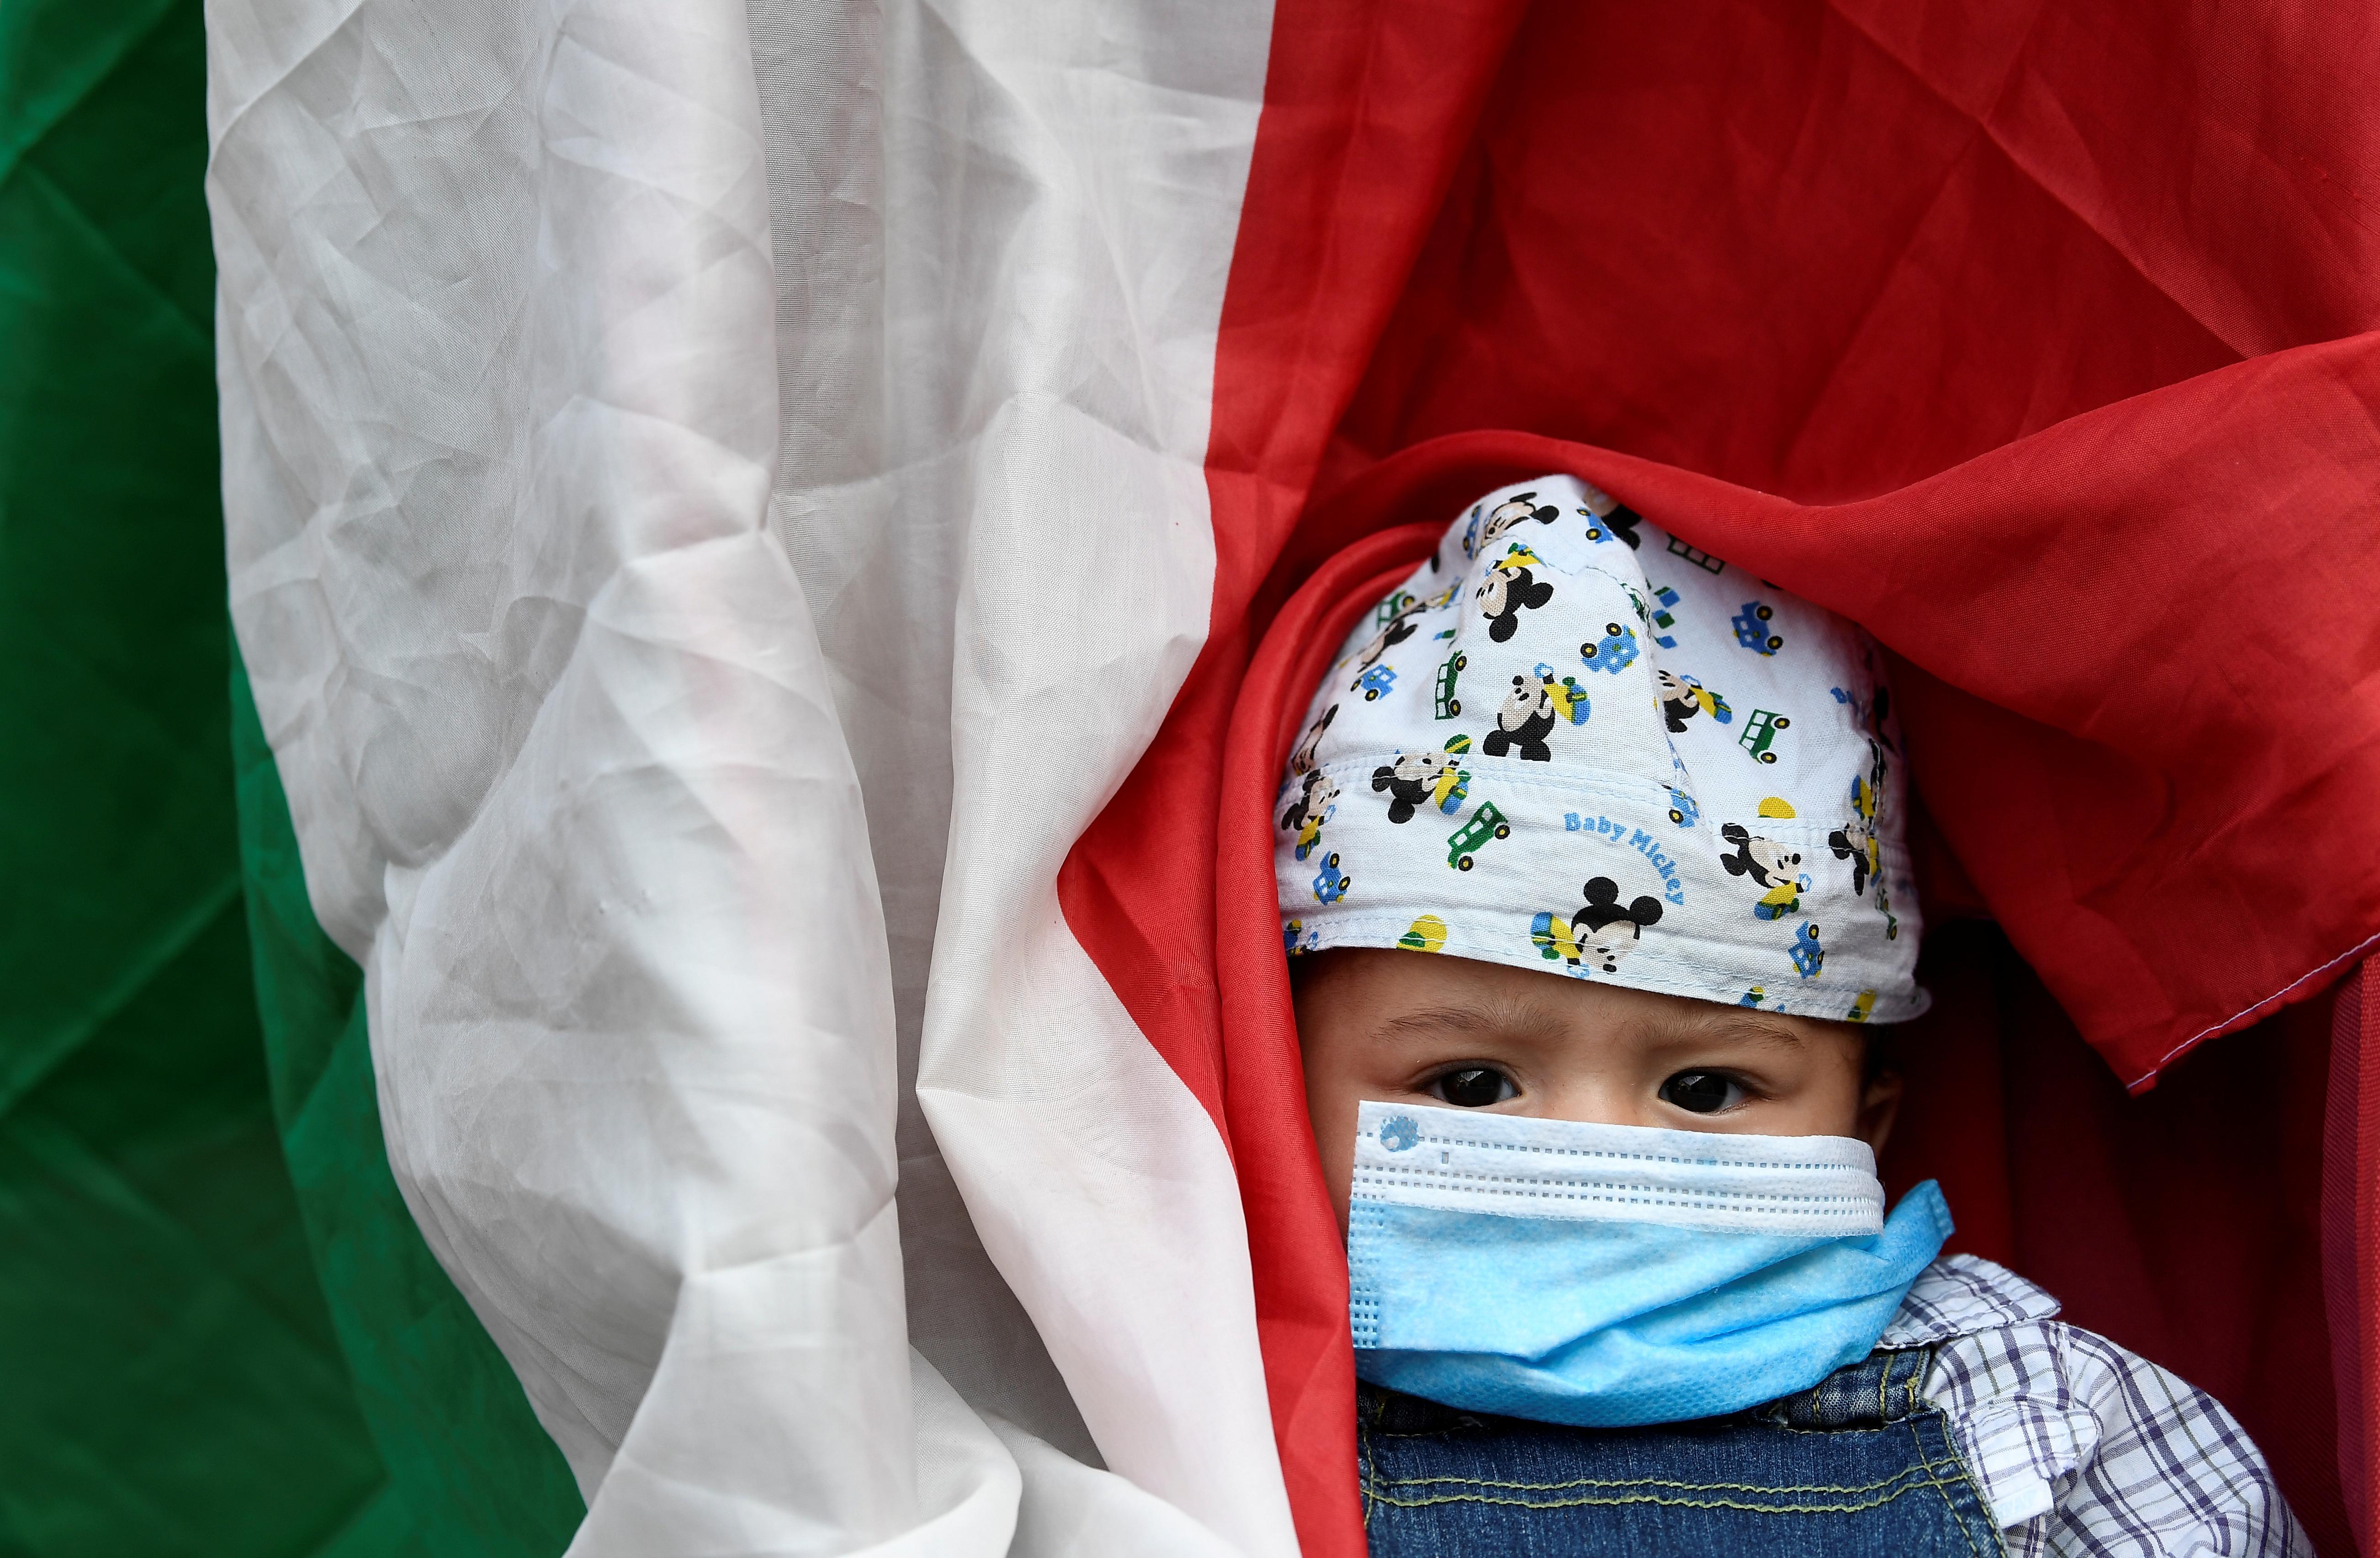 Un niño con babrijo durante una protesta frente al municipio de Milán (Reuters/ Flavio Lo Scalzo)